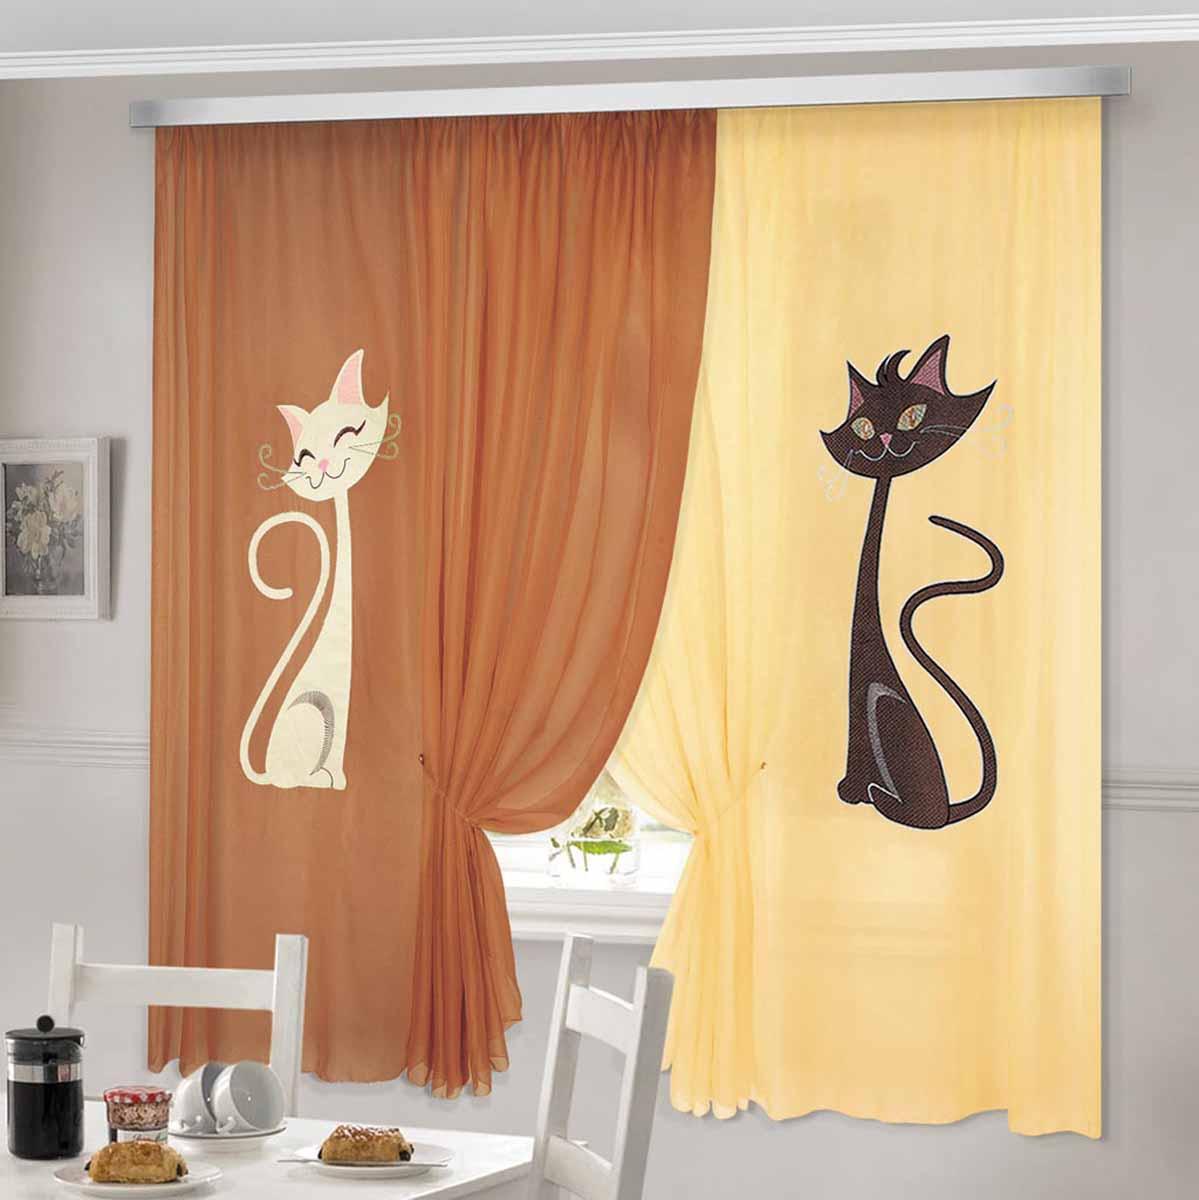 Комплект штор ТД Текстиль Кэти, на ленте, цвет: коричневый, желтый, высота 180 см92330Шторы ТД Текстиль Кэти выполнены из вуалевого полотна с аппликацией в виде кошек. Комплект штор станет отличным украшением вашего интерьера. Рекомендованная стирка при температуре не более 30-40 градусов.Размер: 180 х 480 см.